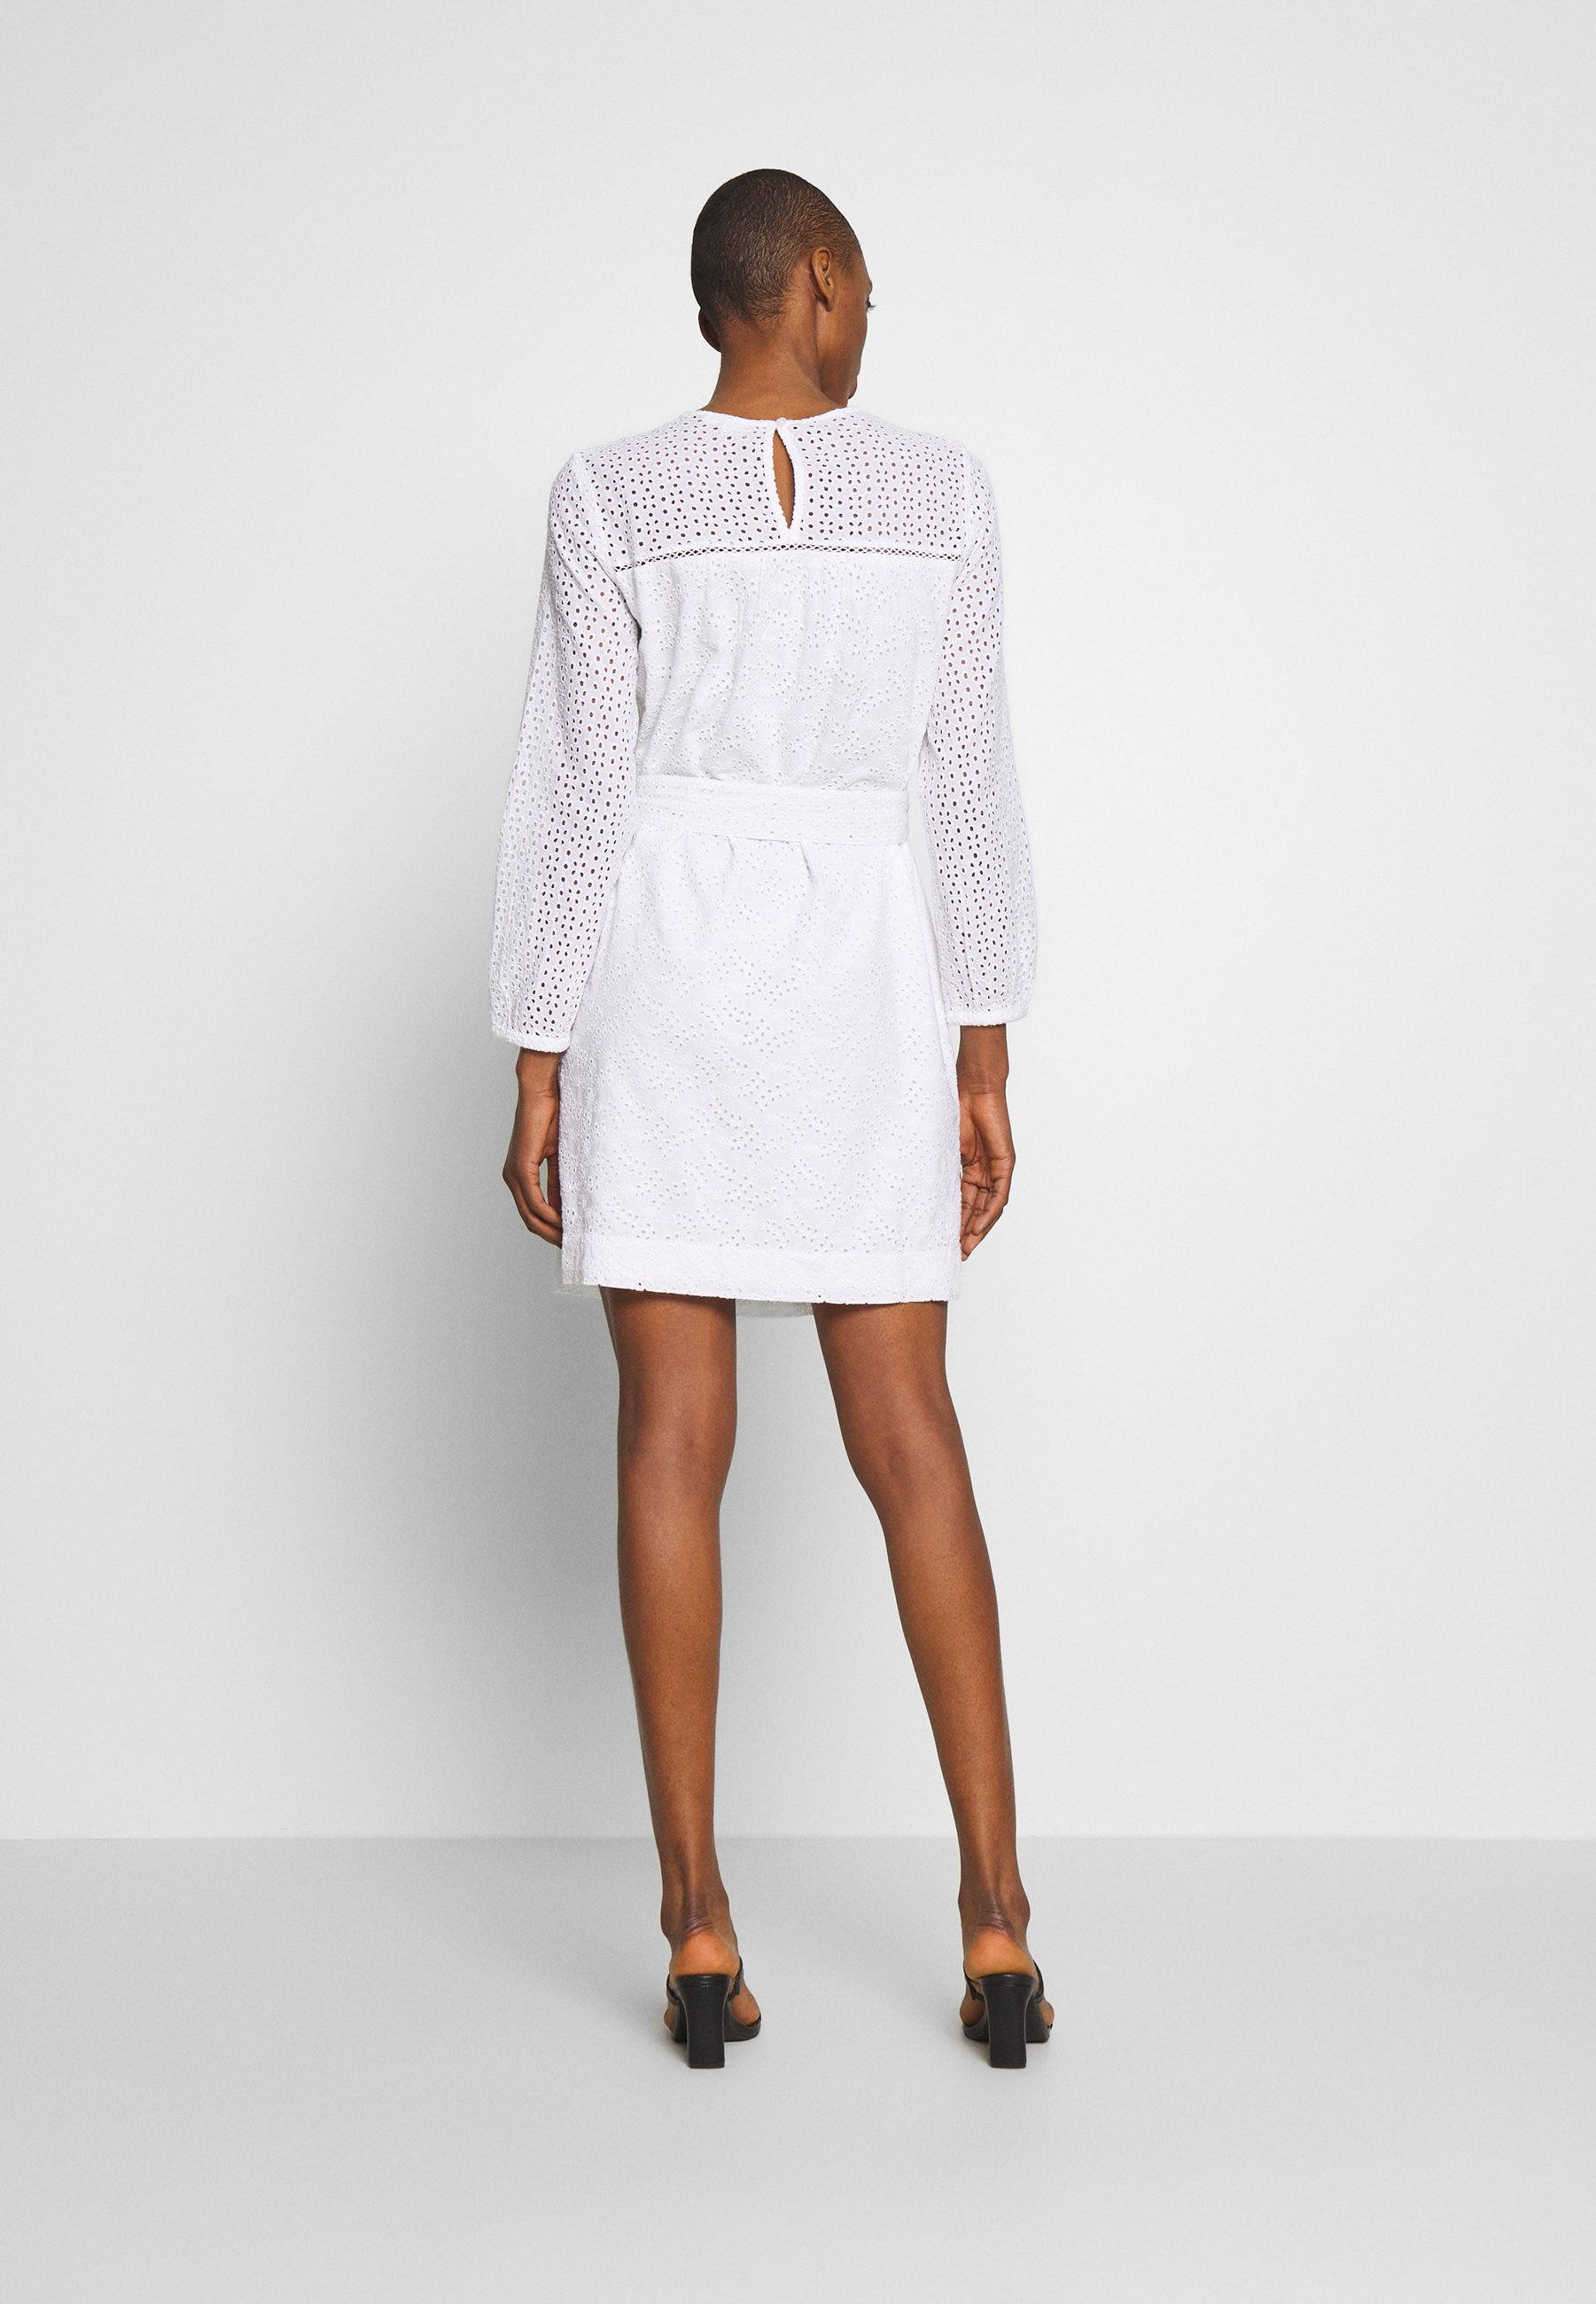 GAP EYELET DRESS - Robe d'été - optic white - Robes femme 6haCj